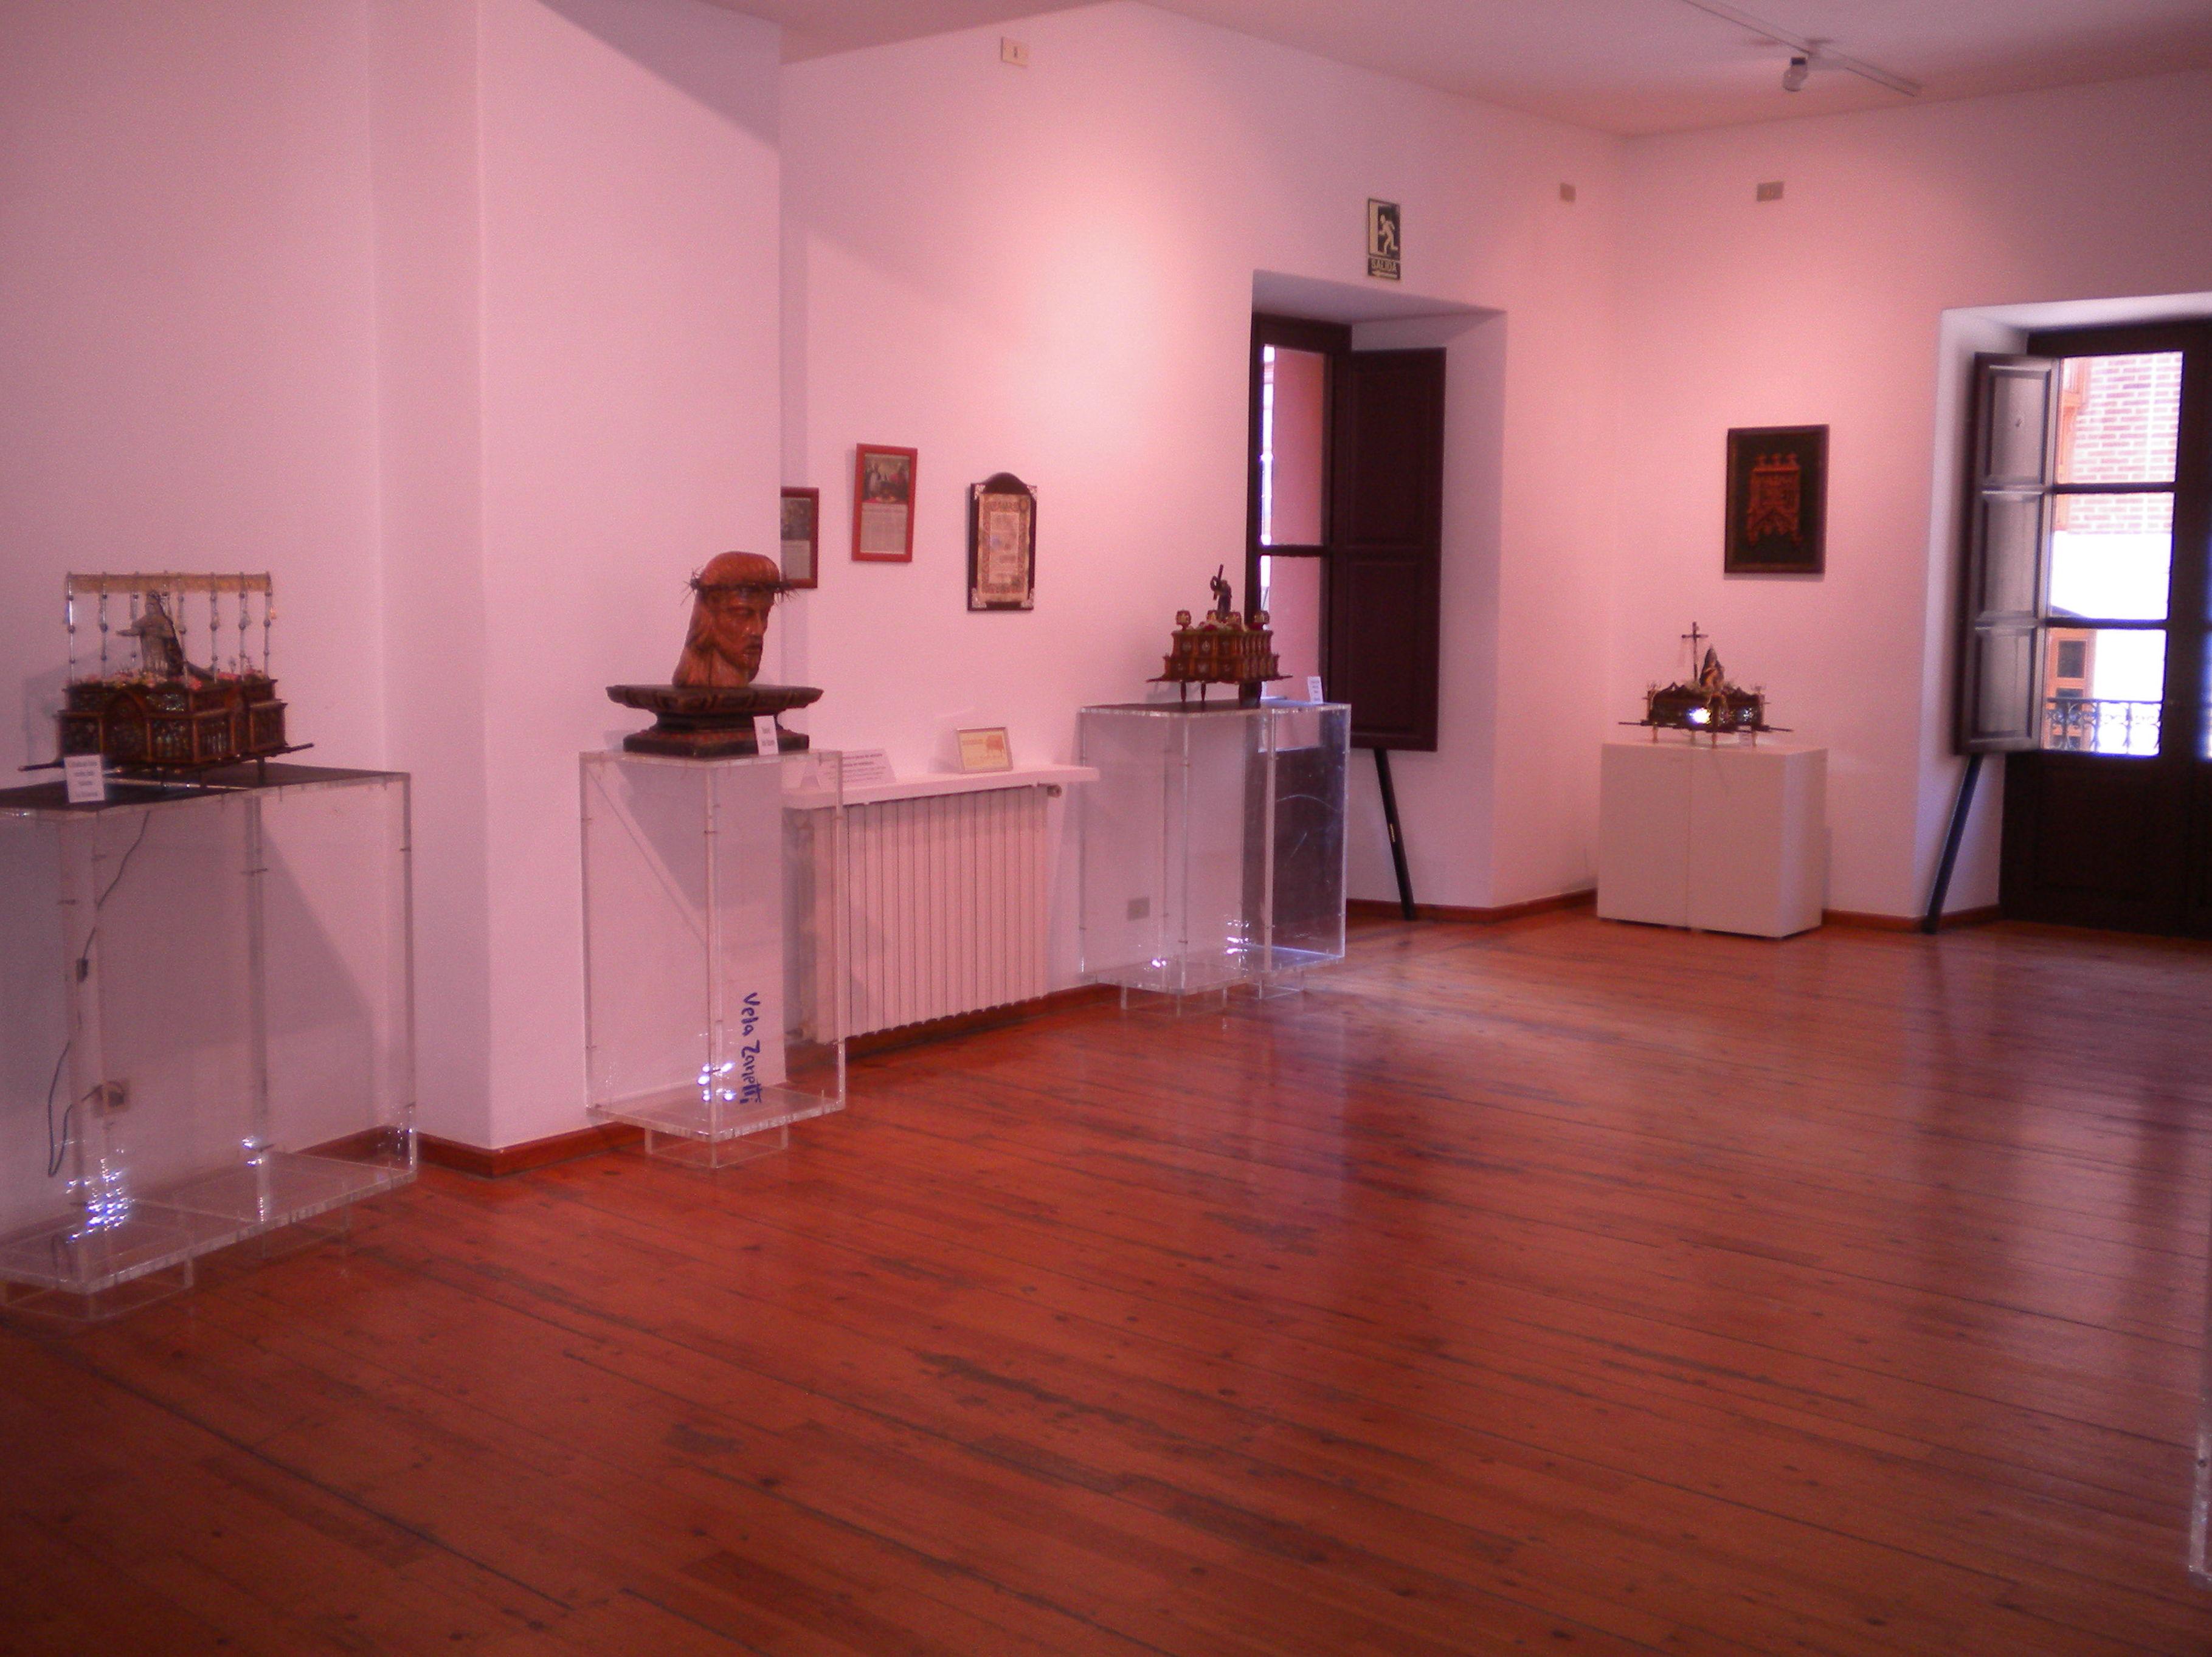 Foto 165 de Restauración de muebles y obras de arte en León | Restaurador Jesús Fernández García